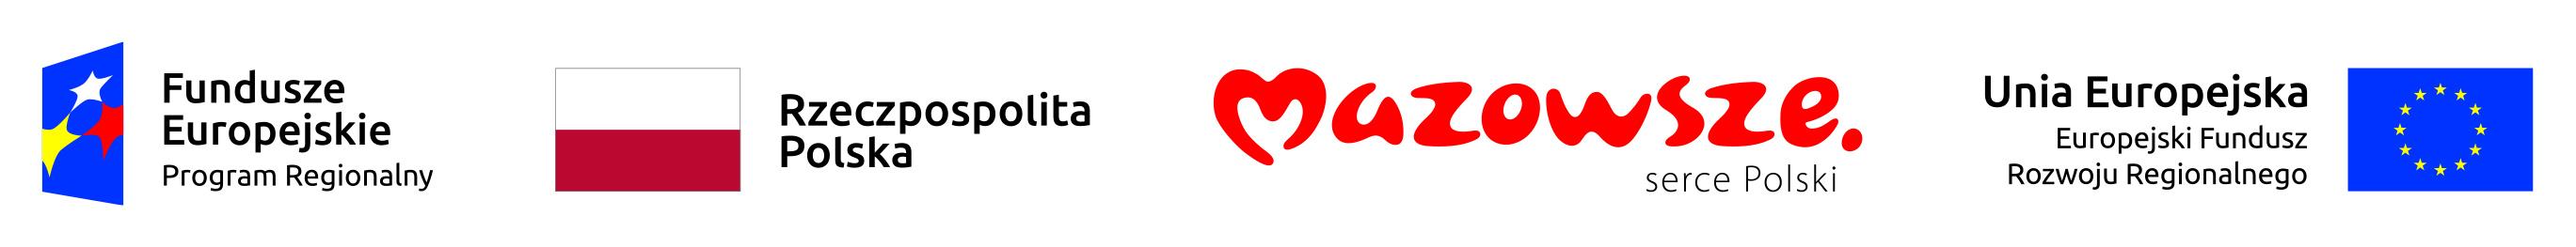 Zestaw logotypów współtwórców akcji: Fundusz Europejski Program Regionalny, Rzeczpospolita Polska, Województwo Mazowieckie i Unia Europejska Europejski Fundusz Rozwoju Regionalnego